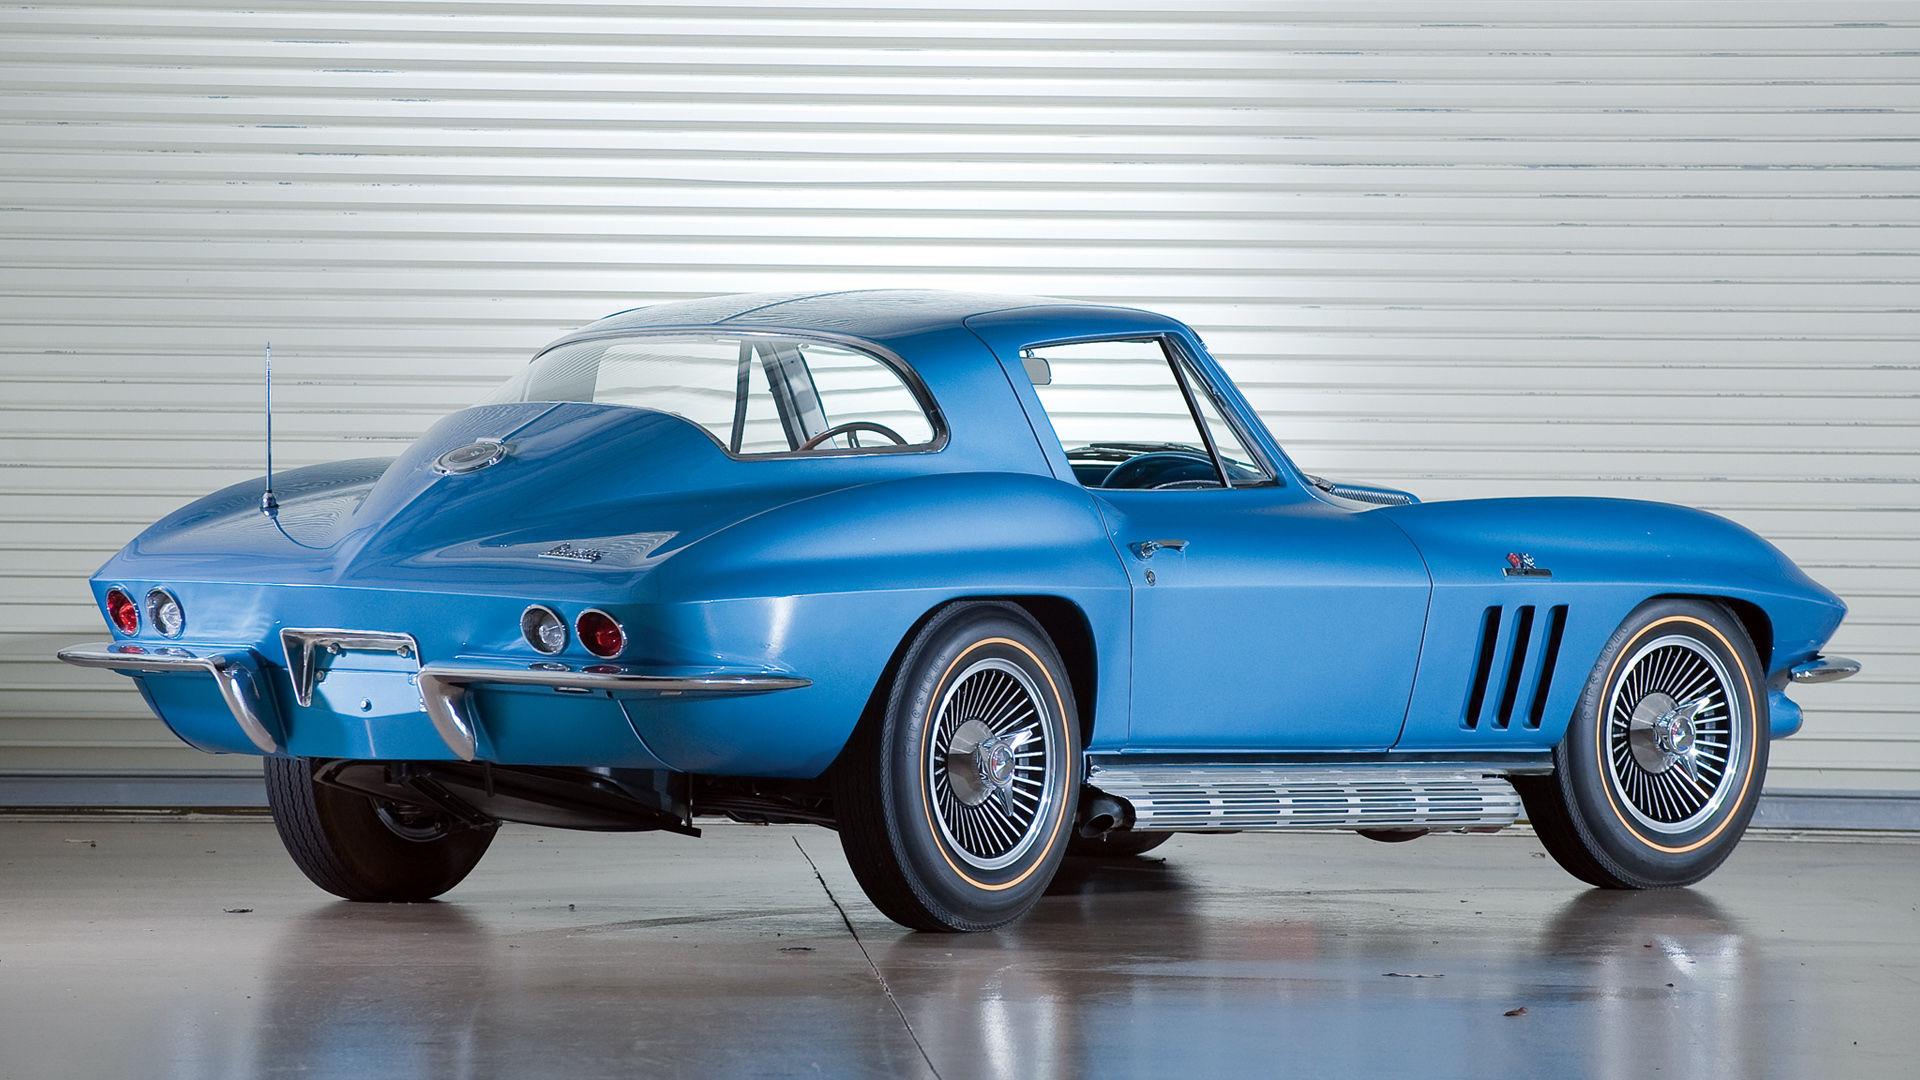 1966 Chevrolet Corvette Stingray 427